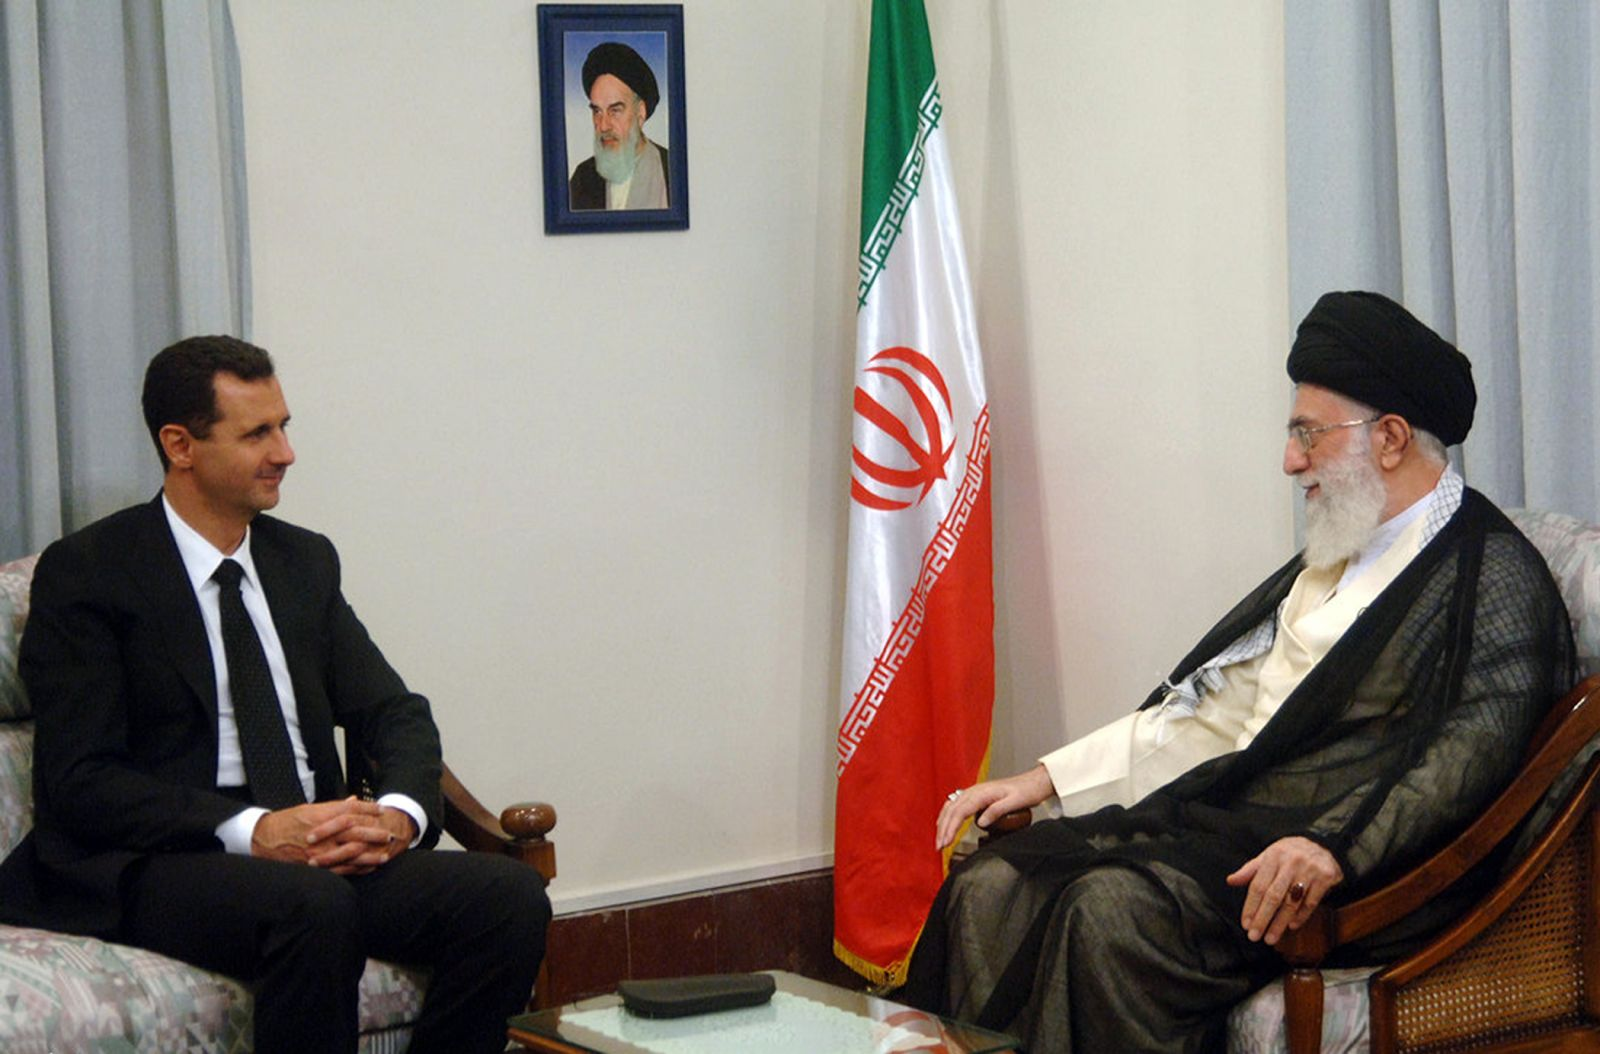 سيناريو اسرائيلي جديد  :يتحدث عن الجولان لاسرائيل مُقابل اتفاق إيران النووي لأنّ سوريّة اختفت عن الخريطة